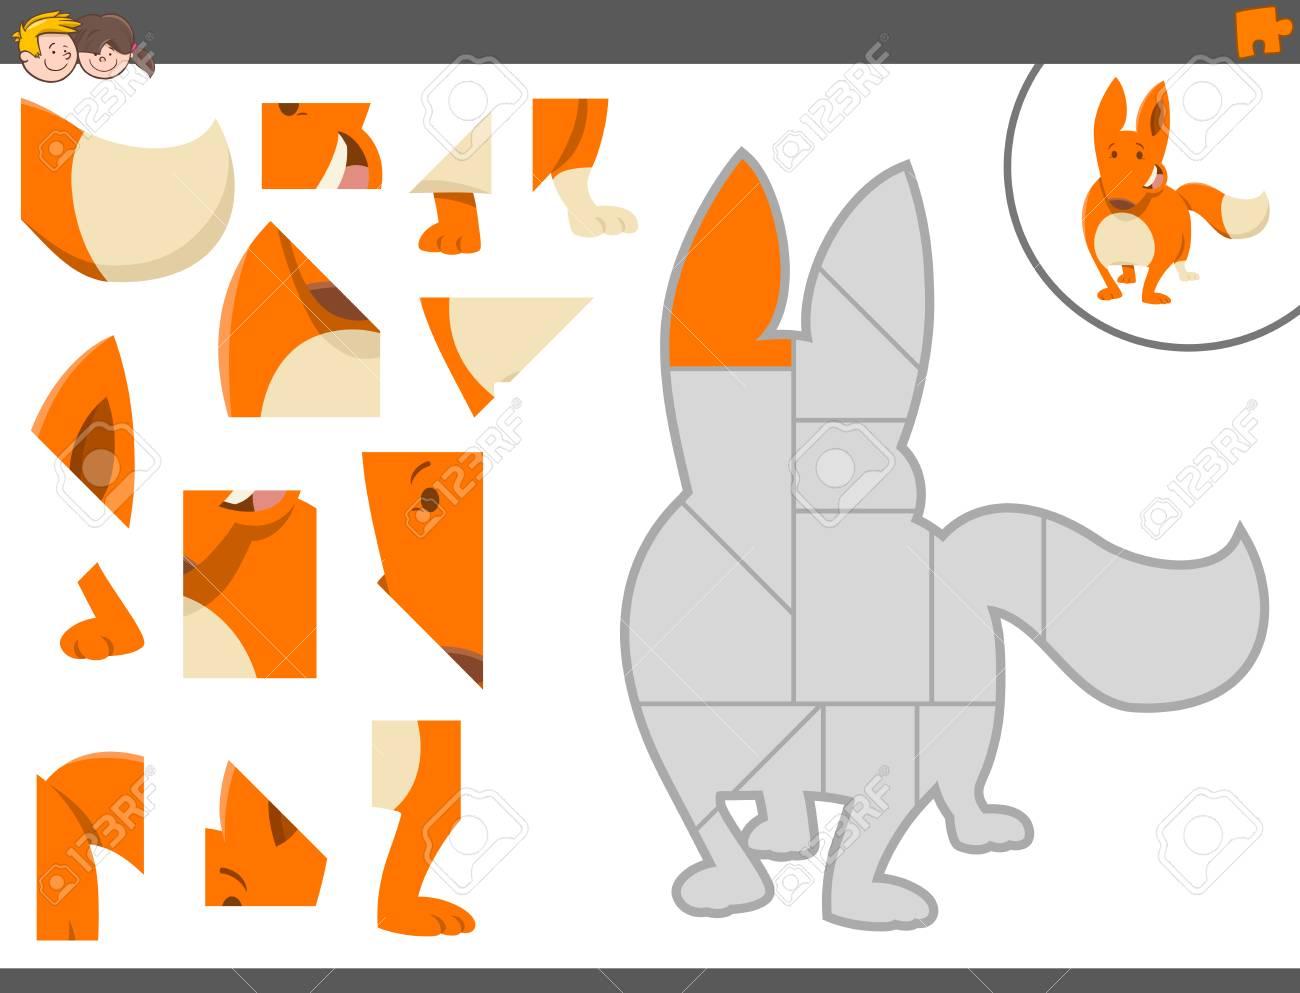 フォックス動物文字養護教育のジグソー パズル ゲームの漫画イラスト